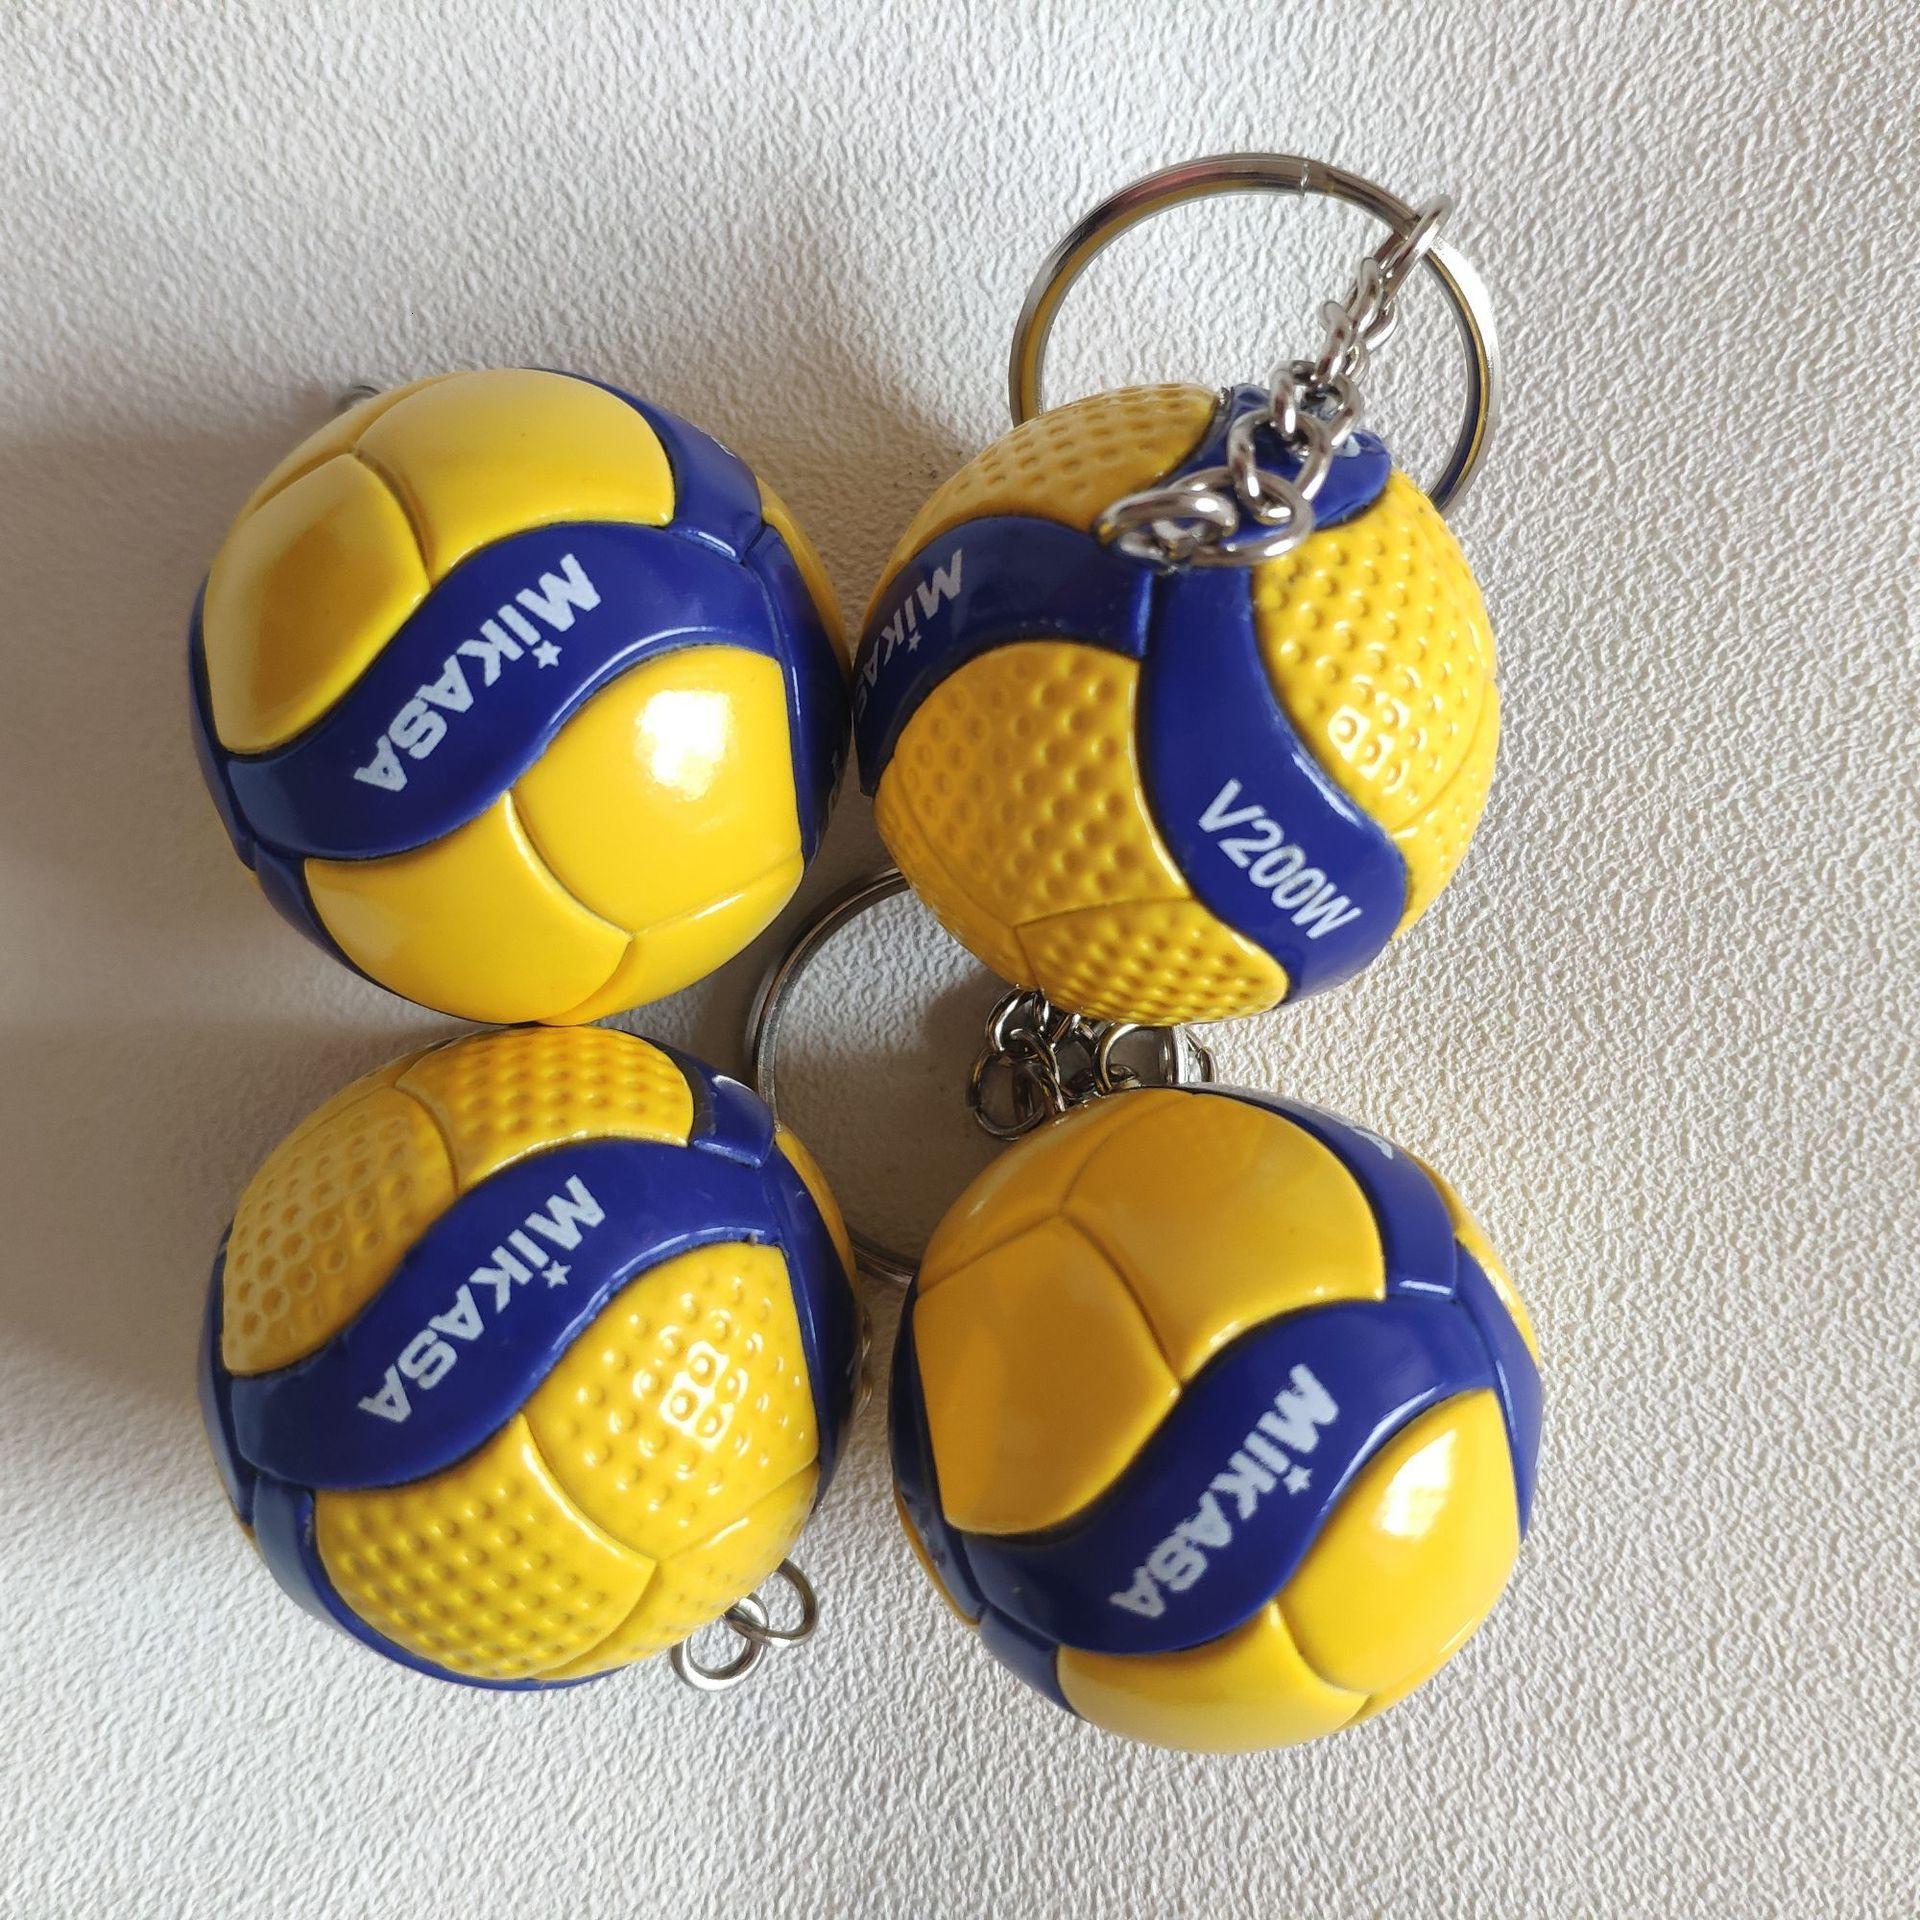 V200w Mini PVC Volleyball Schlüsselbund Sport Schlüssel Kette Geschenk Auto Ball Schlüssel Halter Ring Für Spieler Männer Frauen Keyring Geburtstag geschenk